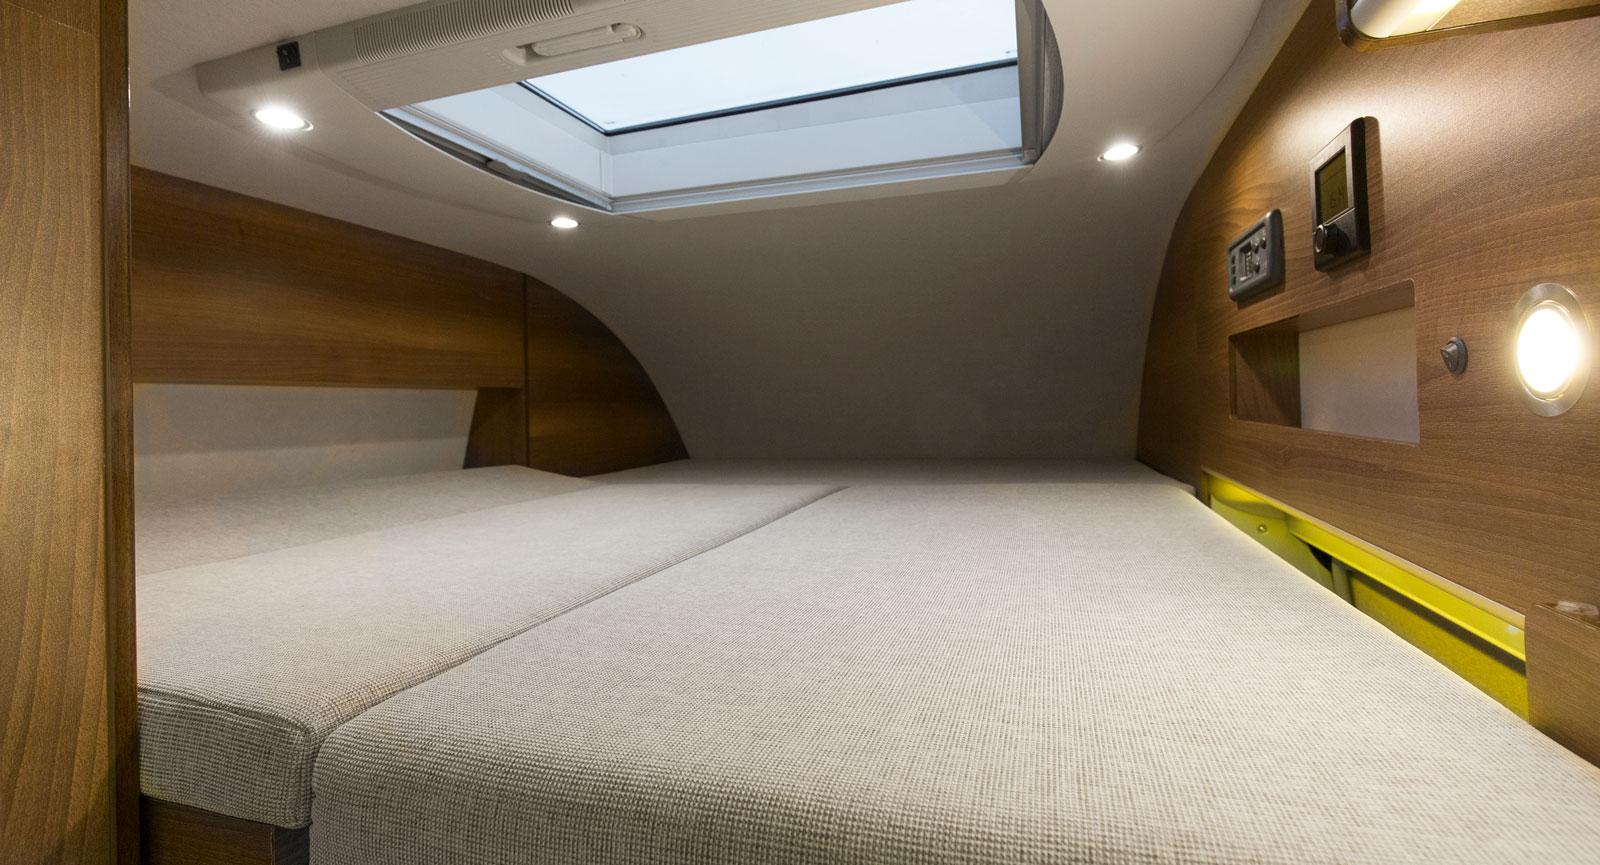 Bäddmadrass behövs för komforten i taksängen. Hoprullad får den plats i främre delen ovanför hytten. Bra med stor taklucka!